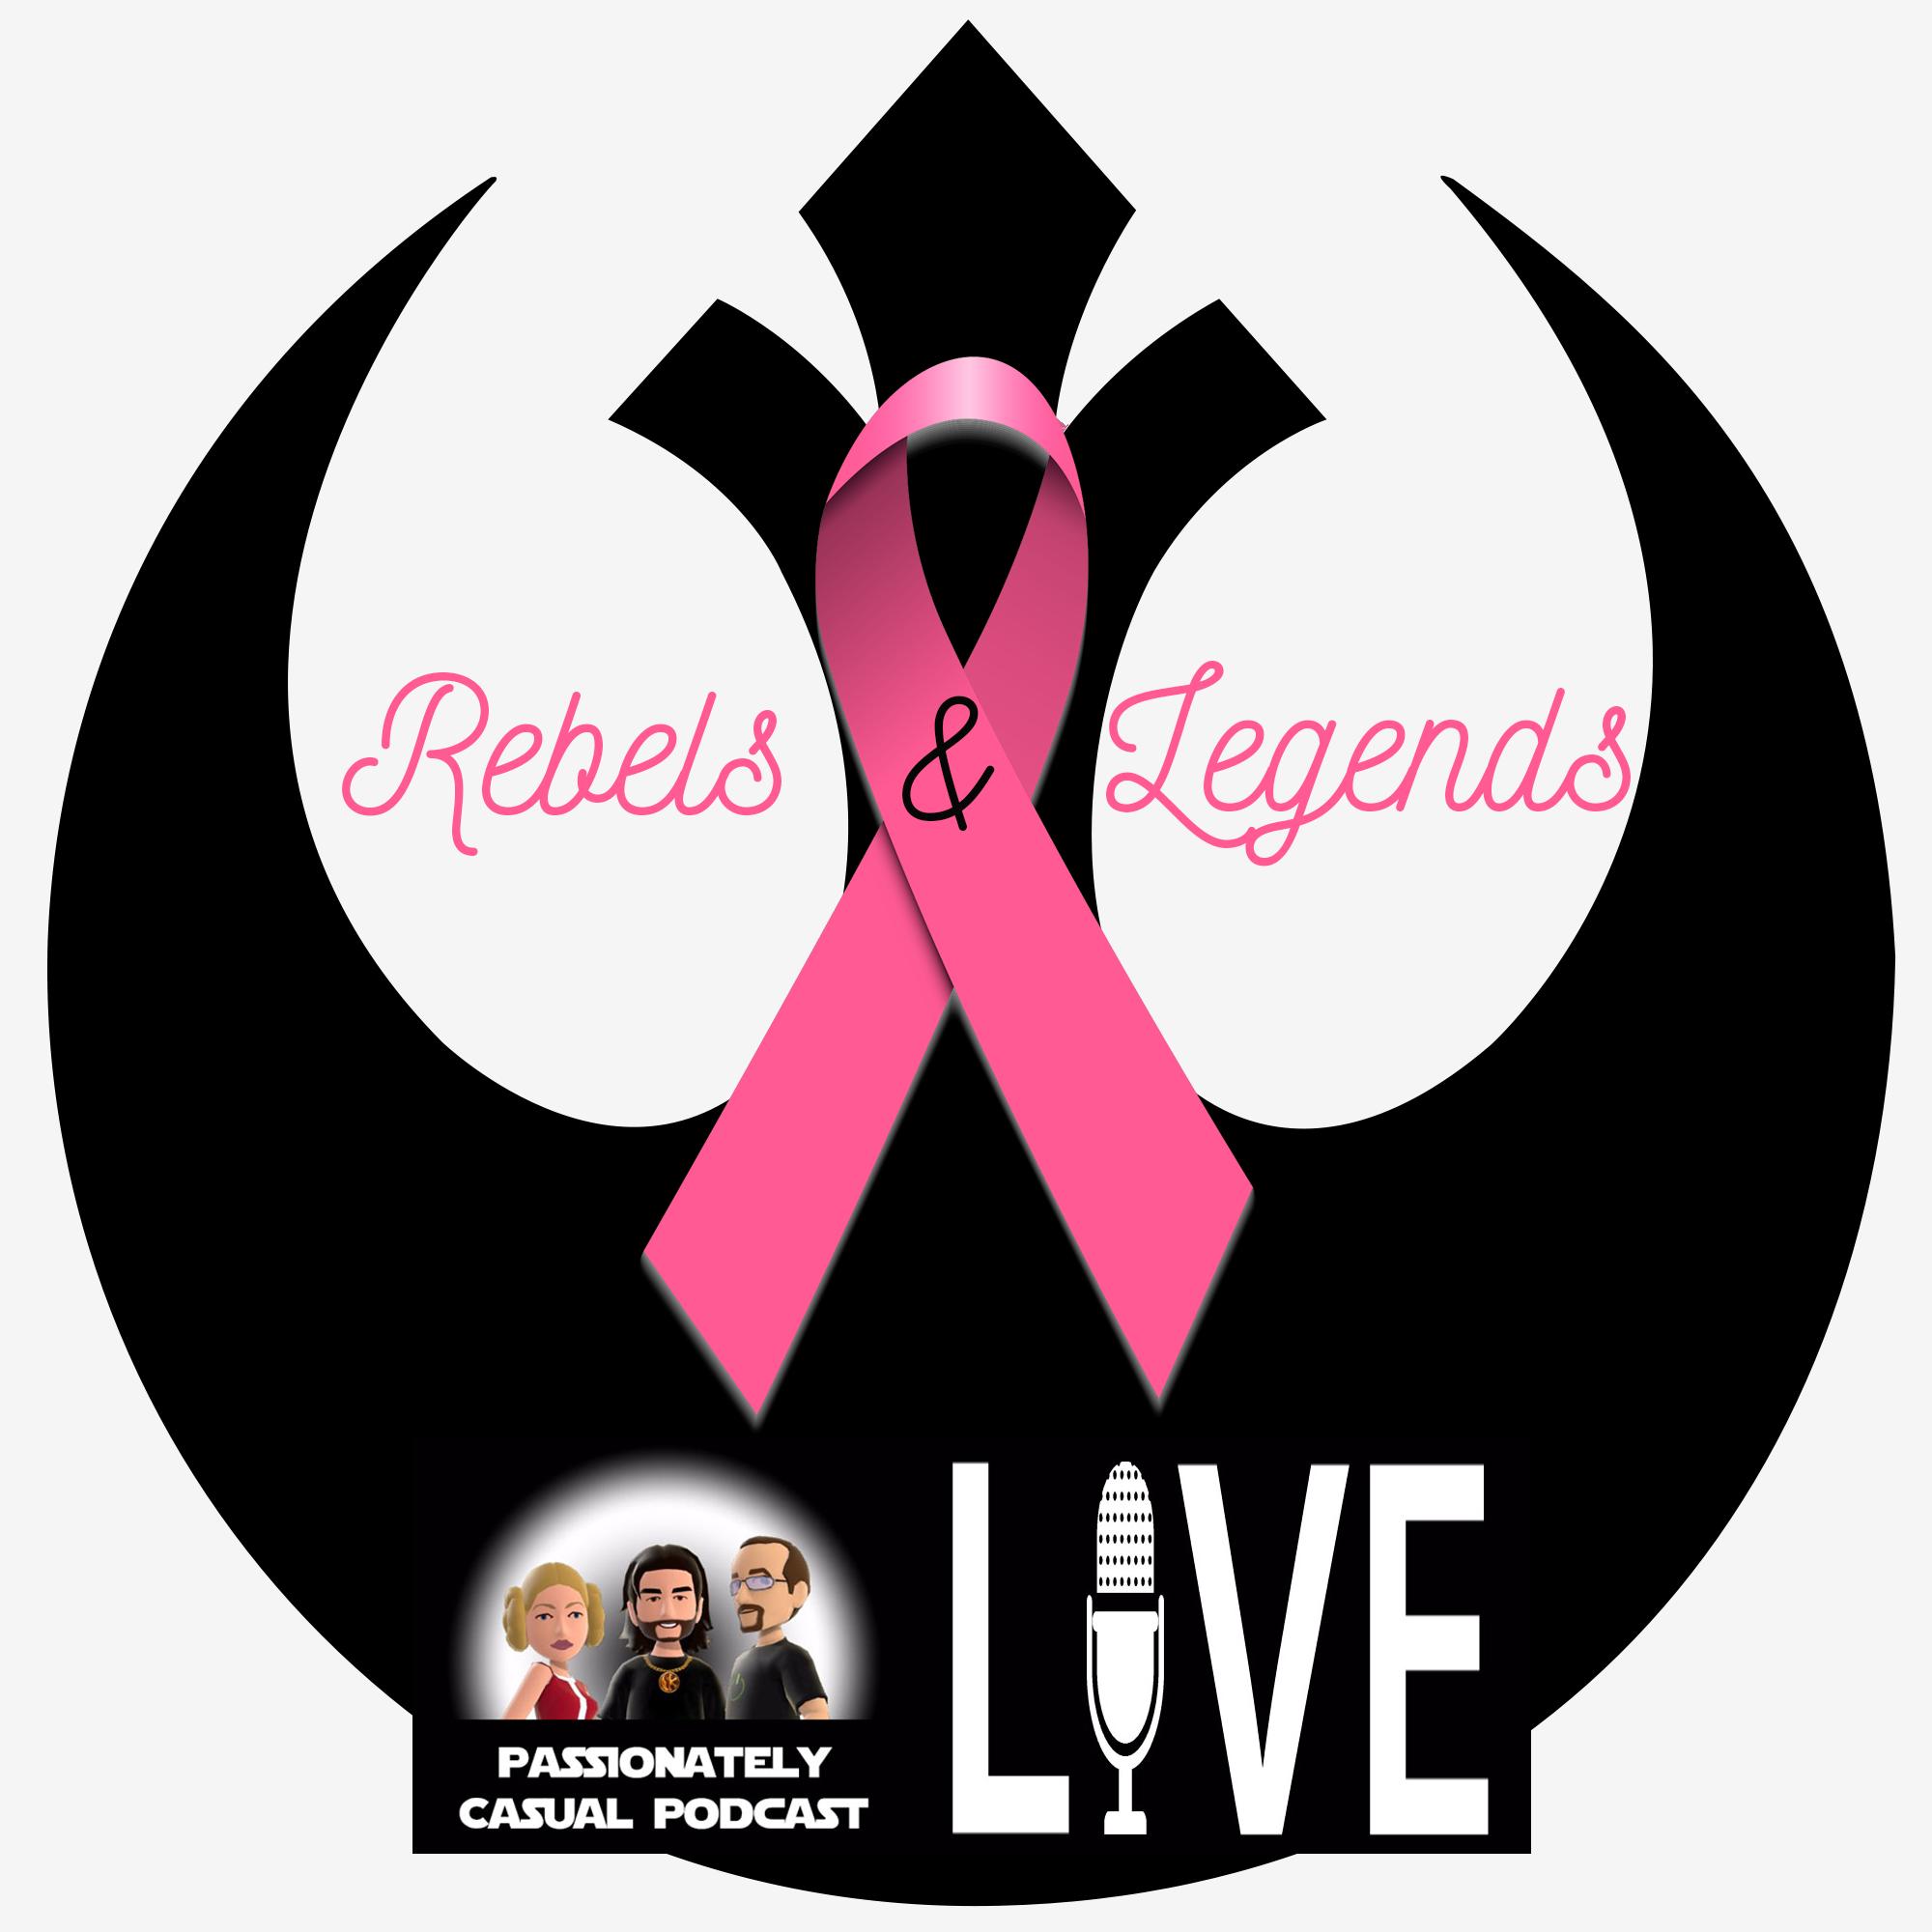 Episode 37: Rebels & Legends